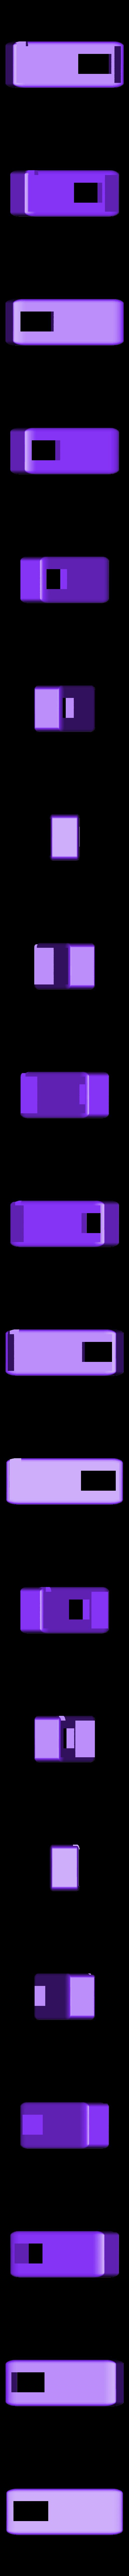 Carcasa_Arduino_nano_1.stl Télécharger fichier STL gratuit Distributeur automatique de gel Remix • Plan à imprimer en 3D, maxine95